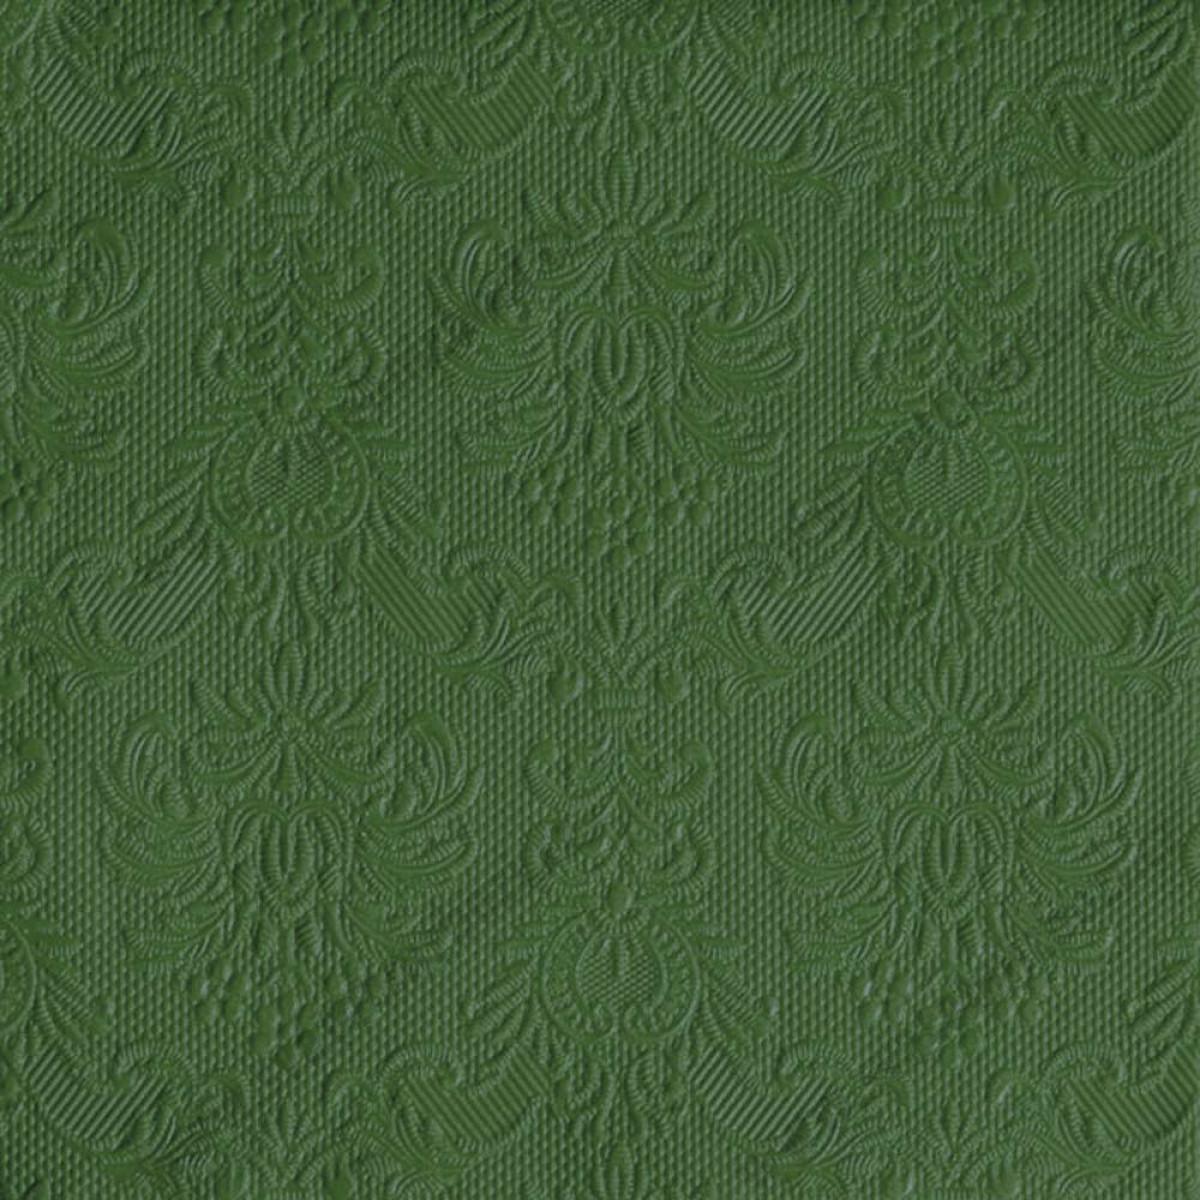 Svatebni Ubrousky Elegance 33 X 33 Cm Tmave Zelena 15 Ks Bal